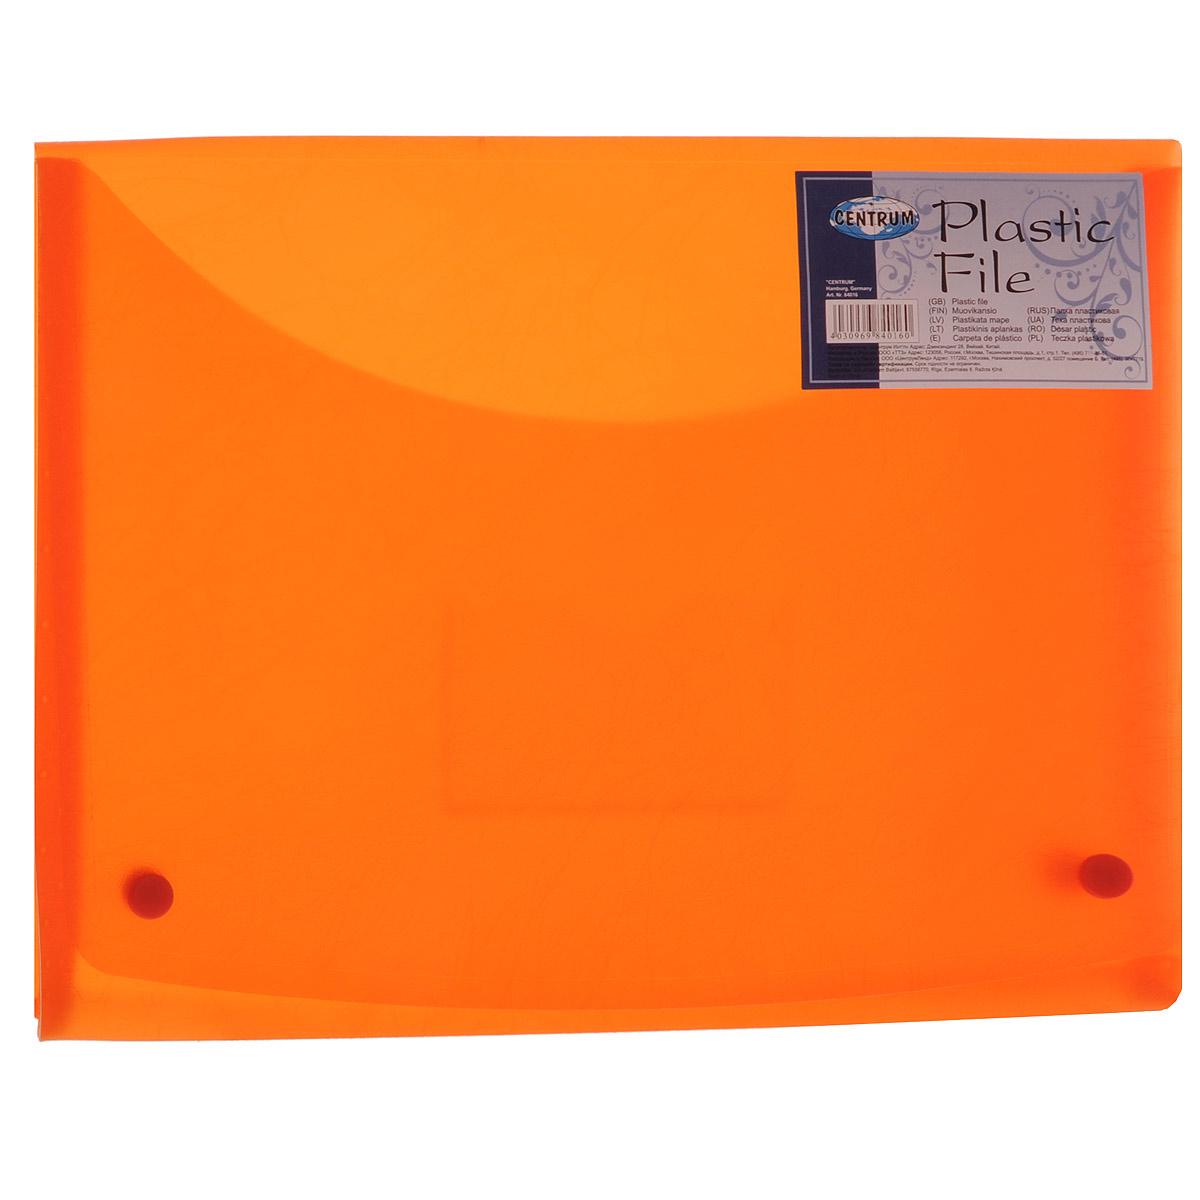 Папка-конверт Centrum Soft Touch, на 2 кнопках, цвет: оранжевый, формат А484016Папка-конверт на кнопках Soft Touch - это удобный и функциональный офисный инструмент, предназначенный для хранения и транспортировки рабочих бумаг и документов формата А4. Папка с двойной угловой фиксацией изготовлена из износостойкого полупрозрачного пластика. Внутри, под клапаном расположен небольшой кармашек для заметок. Папка оформлена оригинальным тиснением. Папка - это незаменимый атрибут для студента, школьника, офисного работника. Такая папка надежно сохранит ваши документы и сбережет их от повреждений, пыли и влаги.